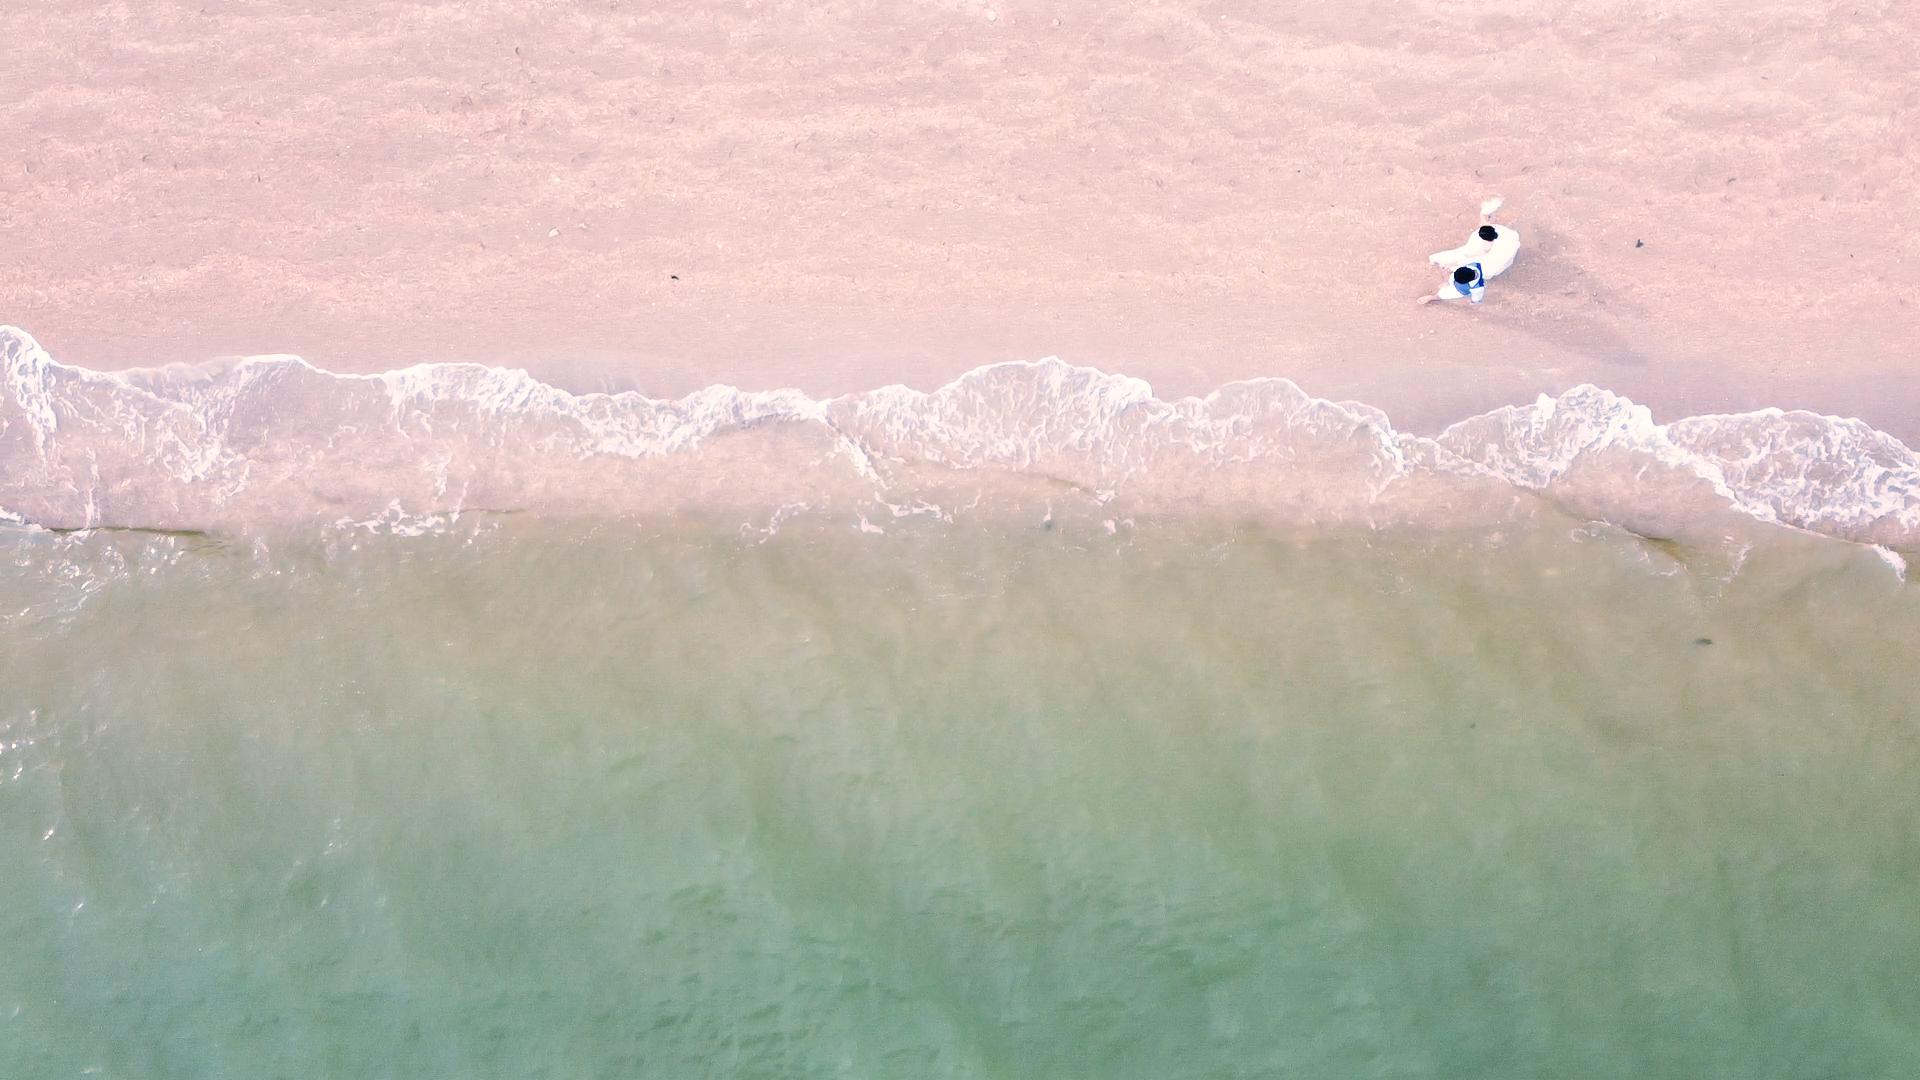 ドローン空撮は沖縄リゾートならではのフォトギャラリー